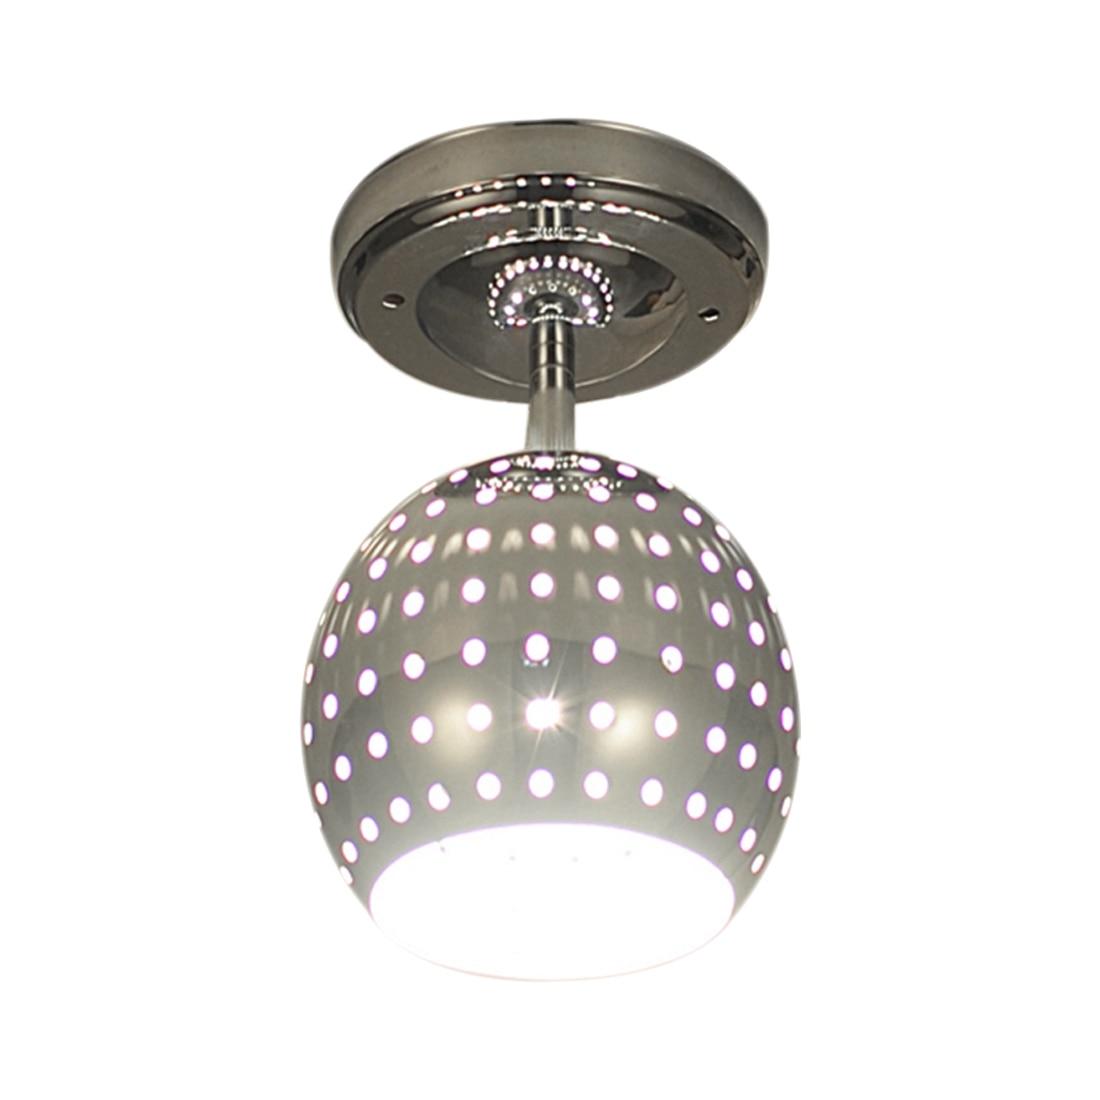 New Modern Scattering Pendant Lamp Ceiling Light Fixture Lighting LED Chandelier mymei modern new crystal led ceiling light fixture pendant lamp lighting chandelier